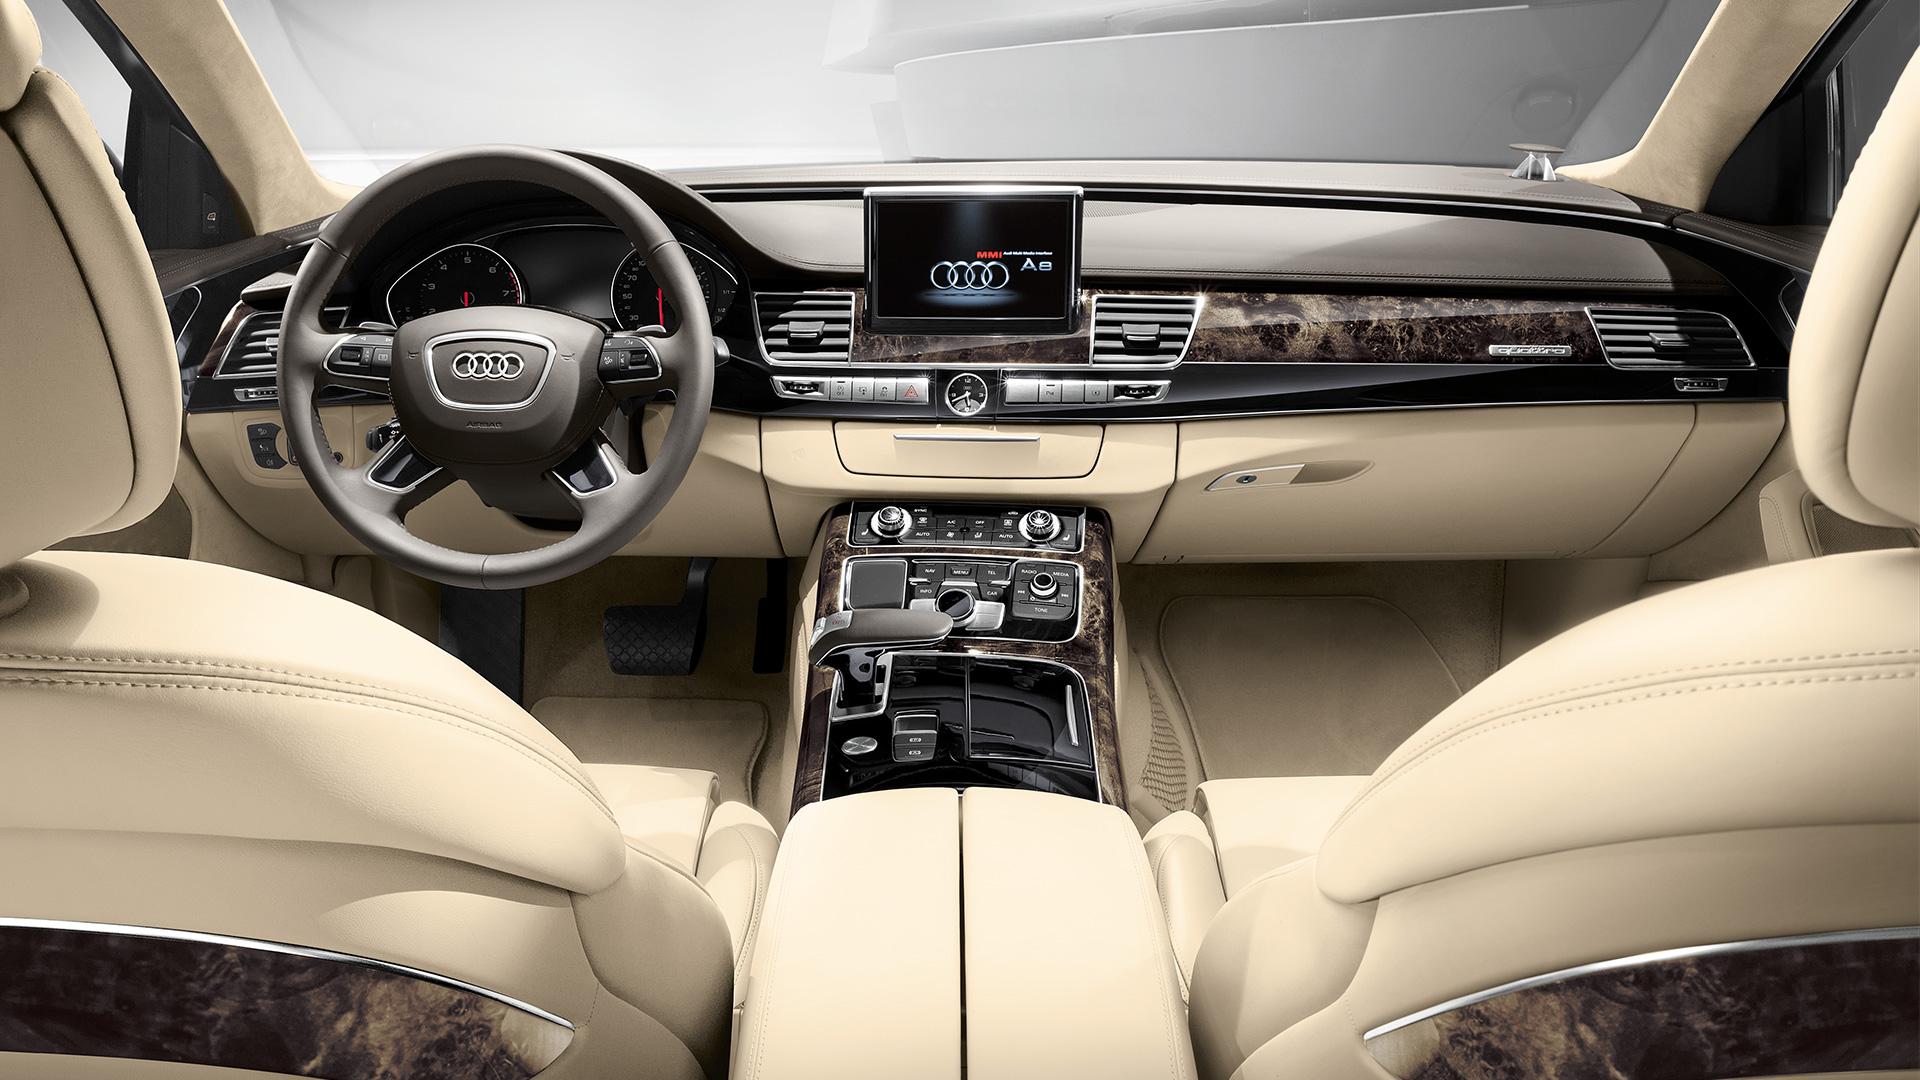 Audi A8  D4  Specs  U0026 Photos - 2013  2014  2015  2016  2017